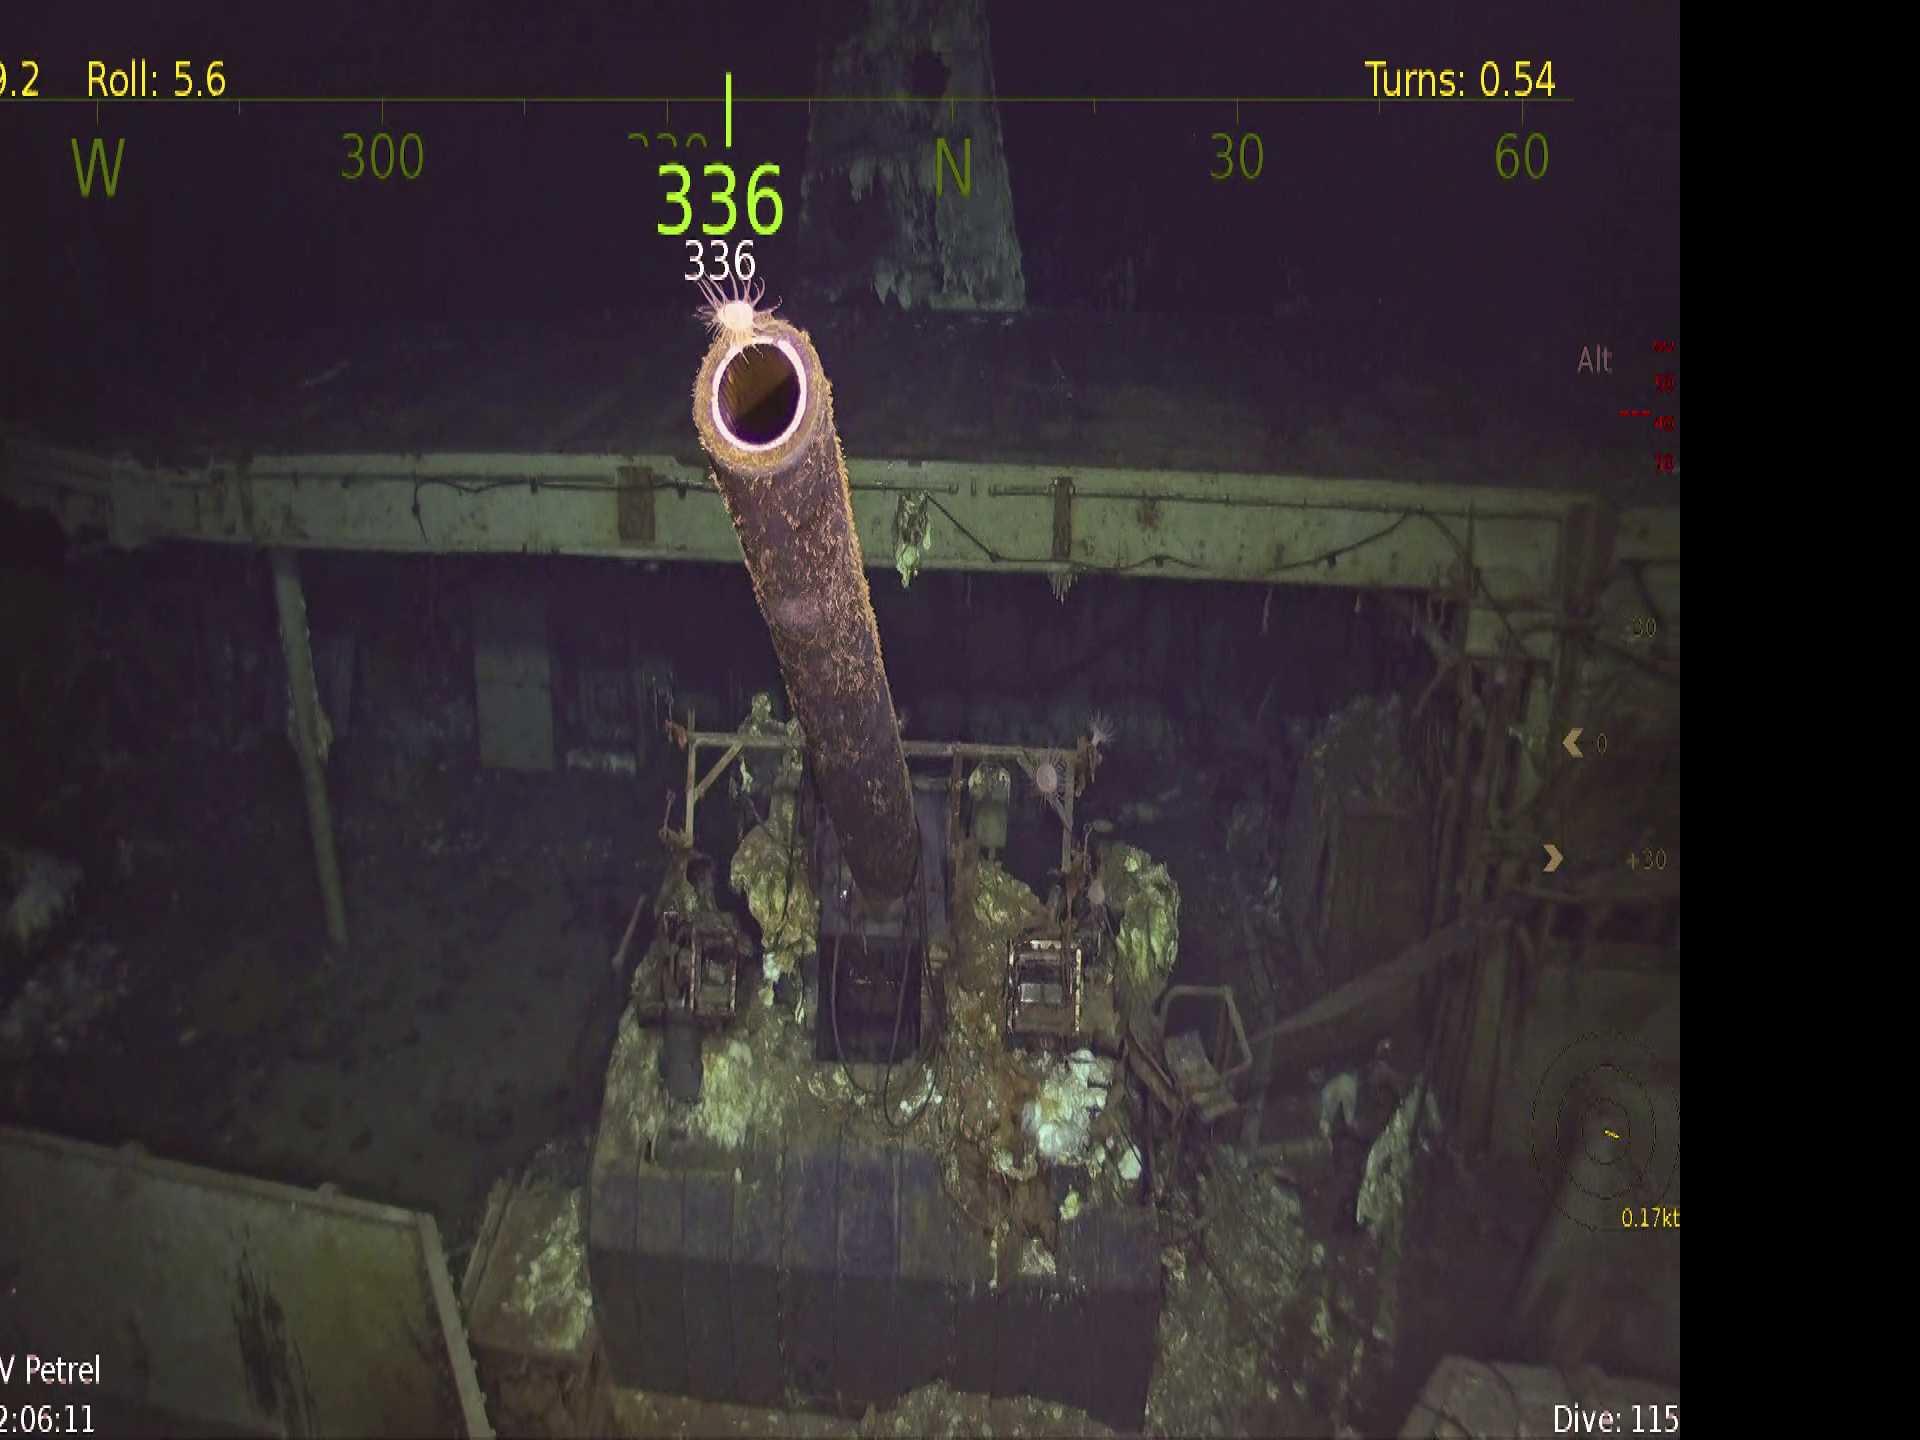 Vessel Discovers Wreck of World War II Carrier Hornet